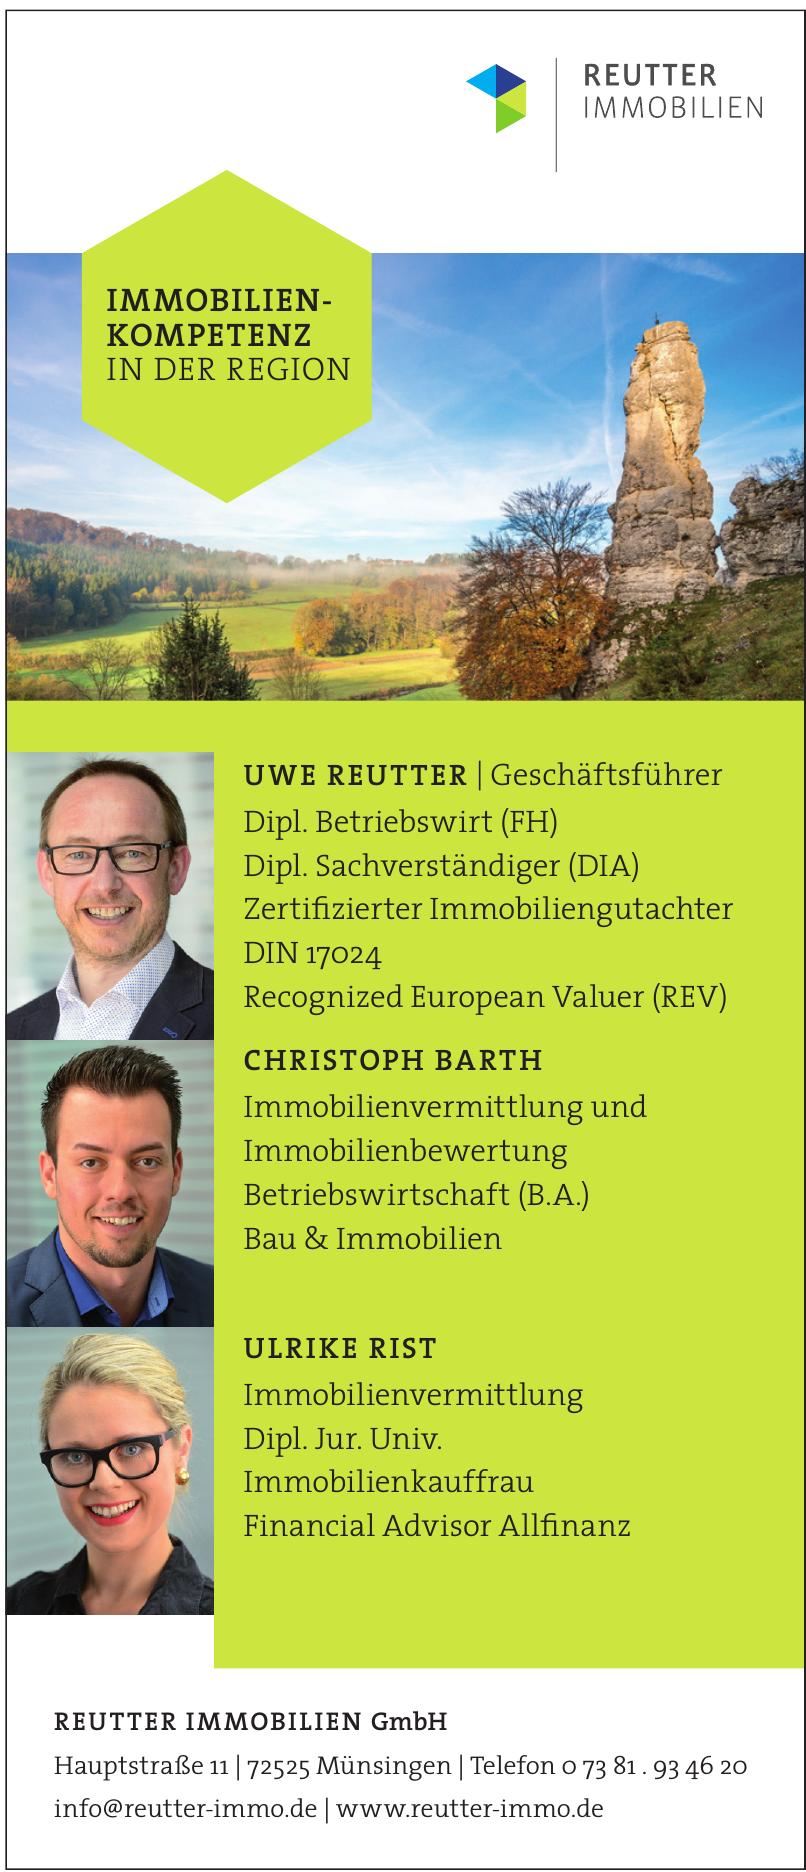 Reutter Immobilien GmbH